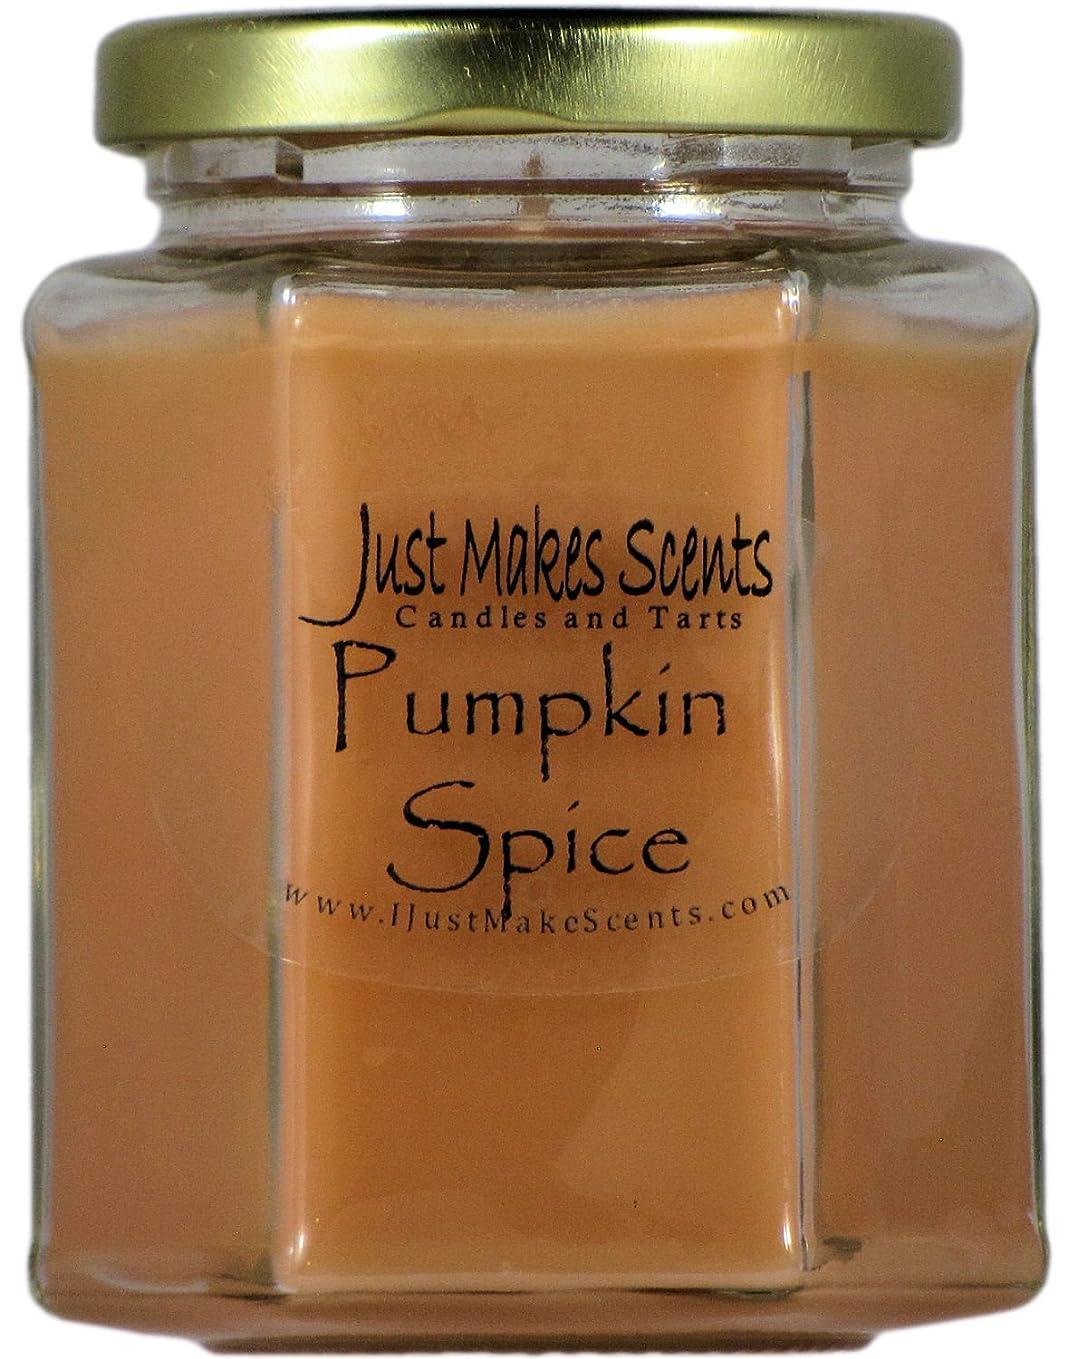 天気あいにく無力Pumpkin Spice香りつきBlended Soy Candle | Great Smelling Fall Fragrance |手Poured in the USA by Just Makes Scents